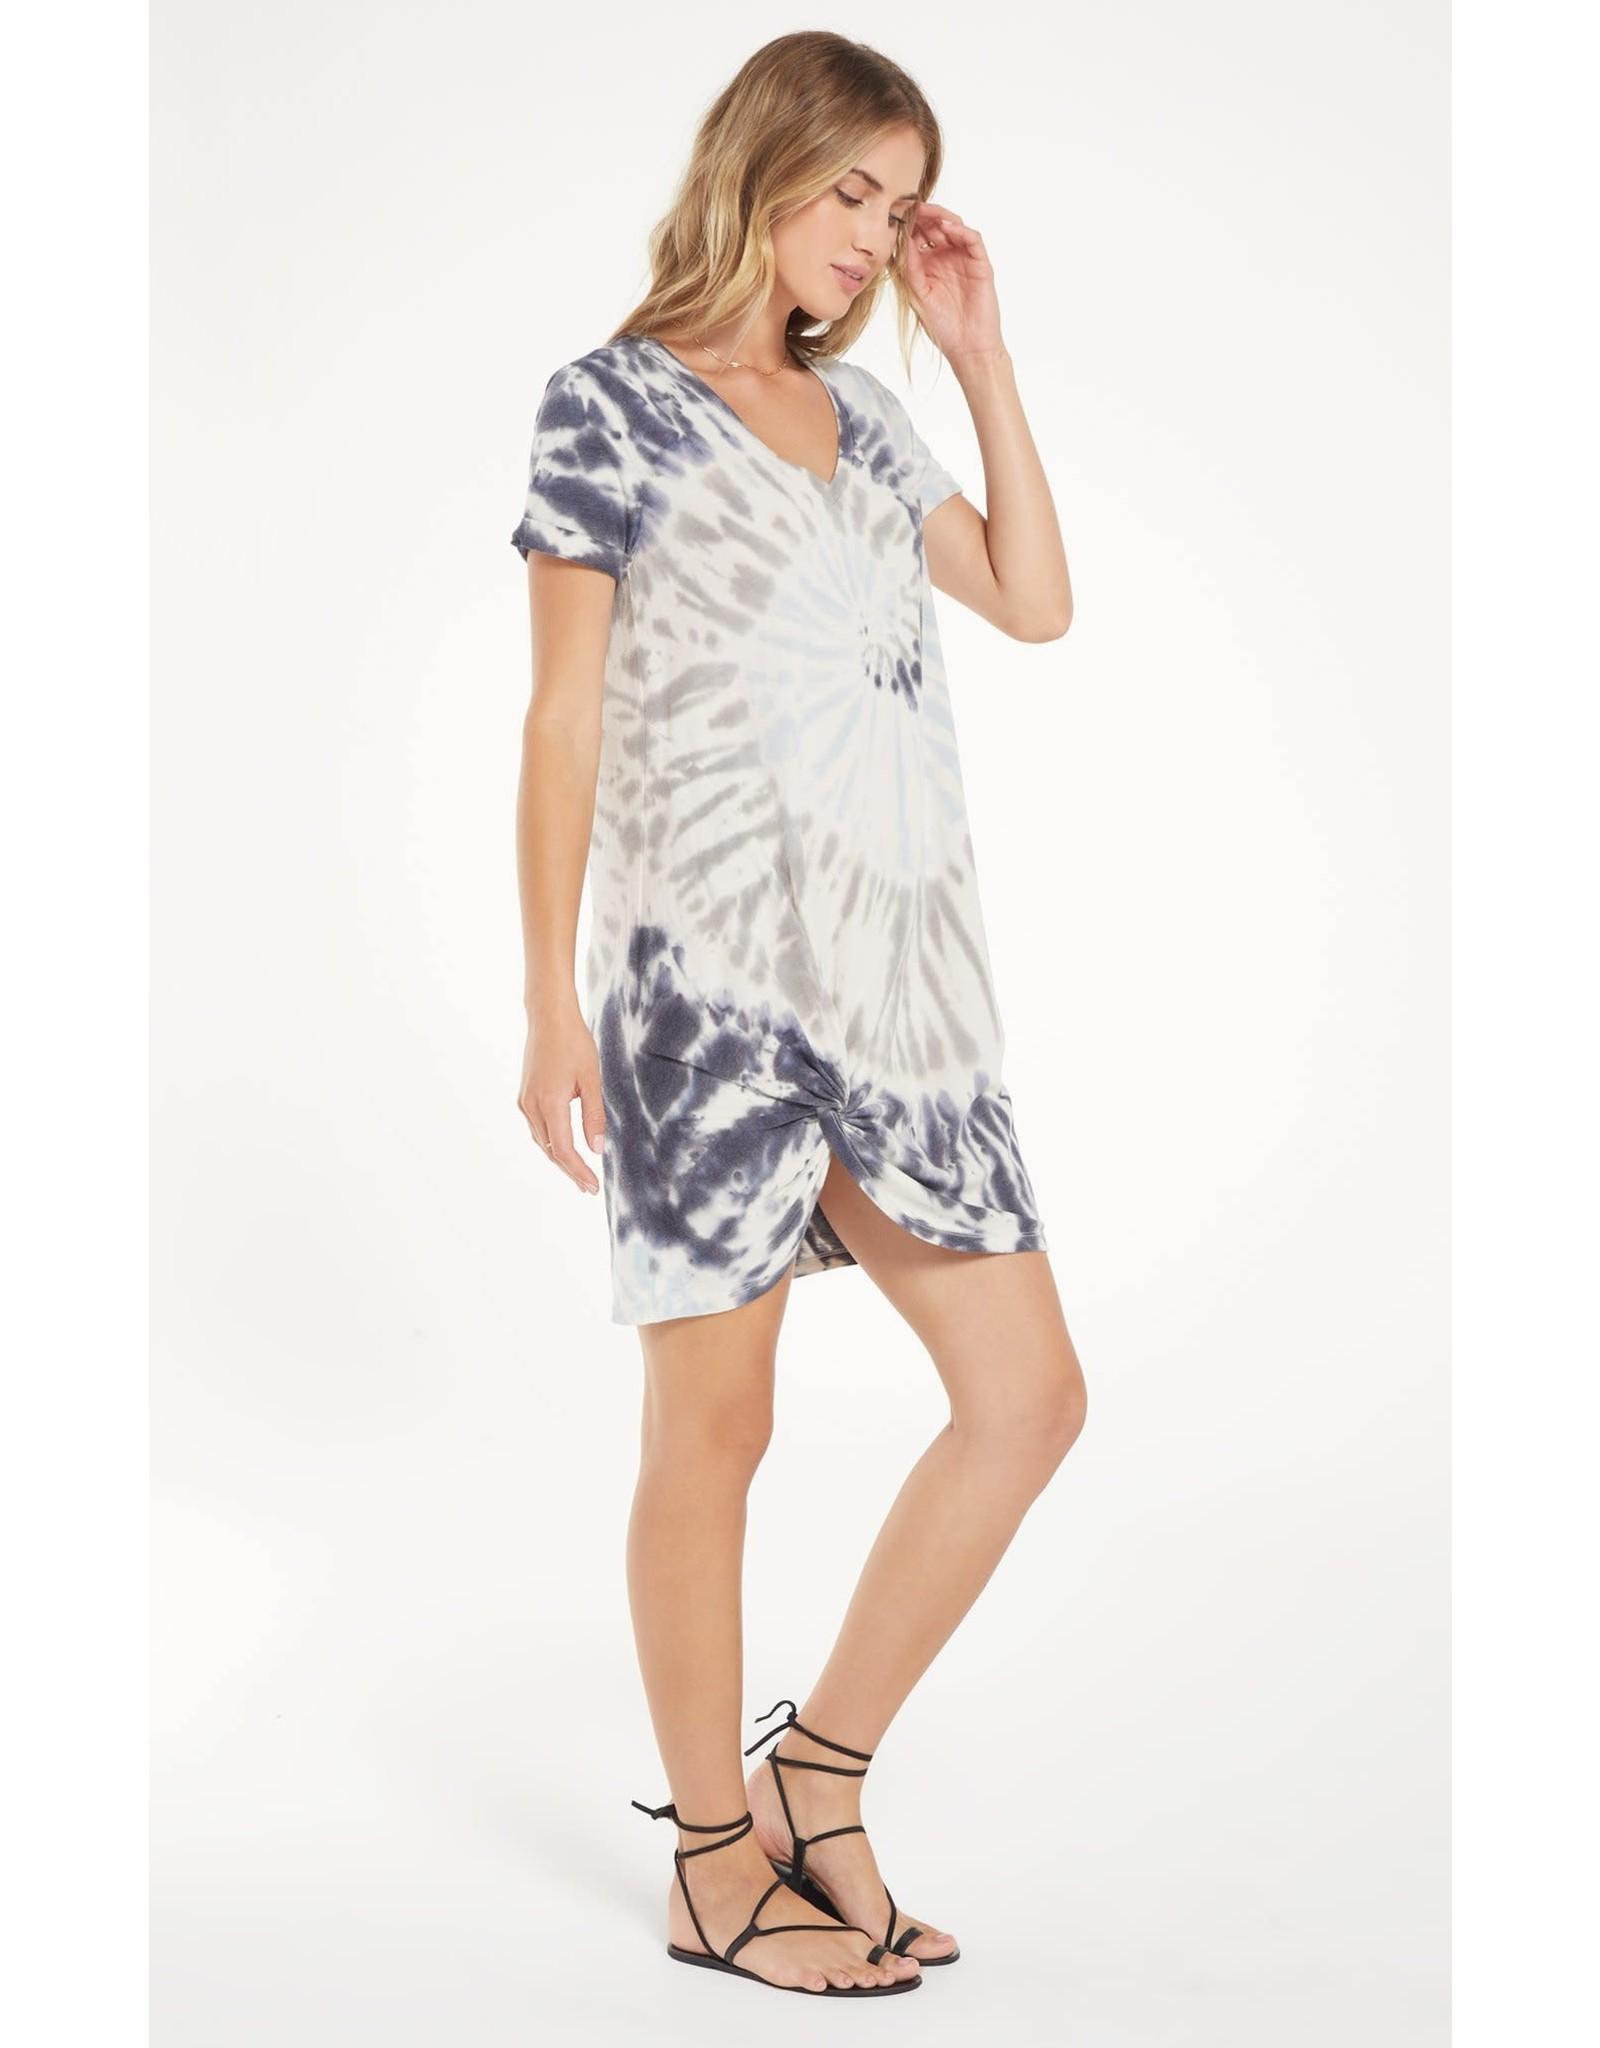 Z Supply Tie Dye Side Knot Dress